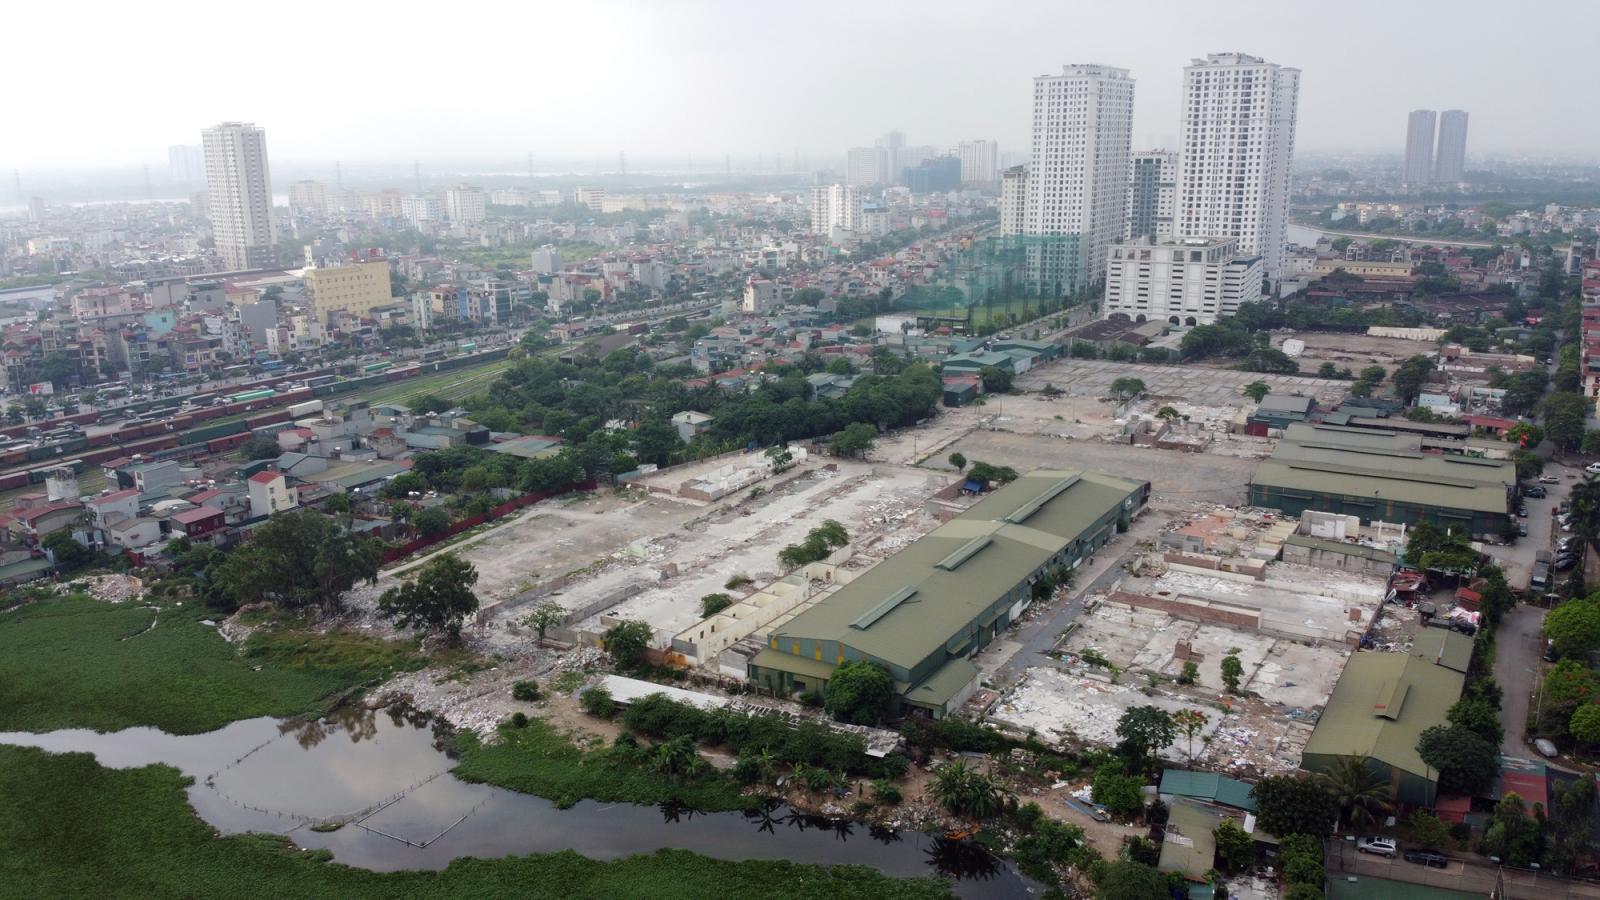 khu đất thực hiện dự án Aeon Mall Hoàng Mai nhìn từ trên cao